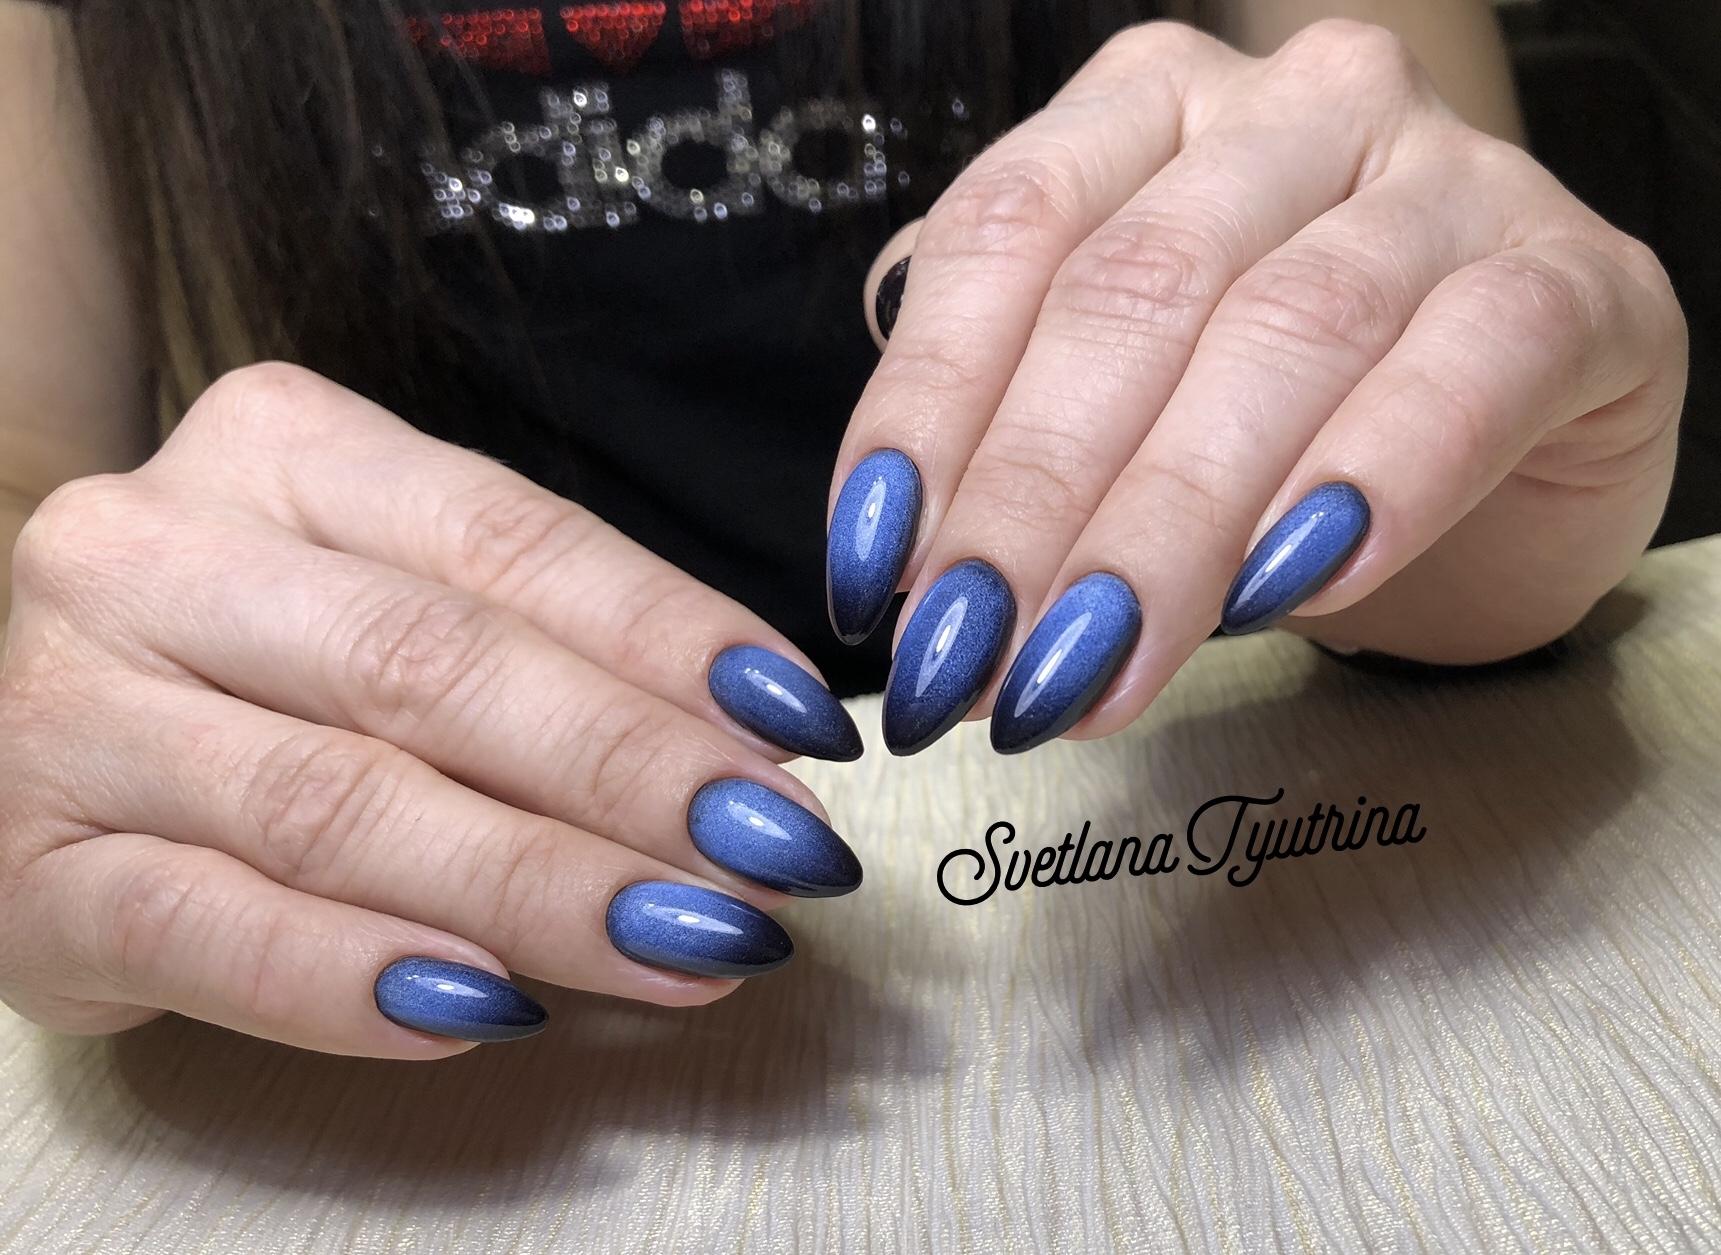 Маникюр с градиентом в синем цвете.